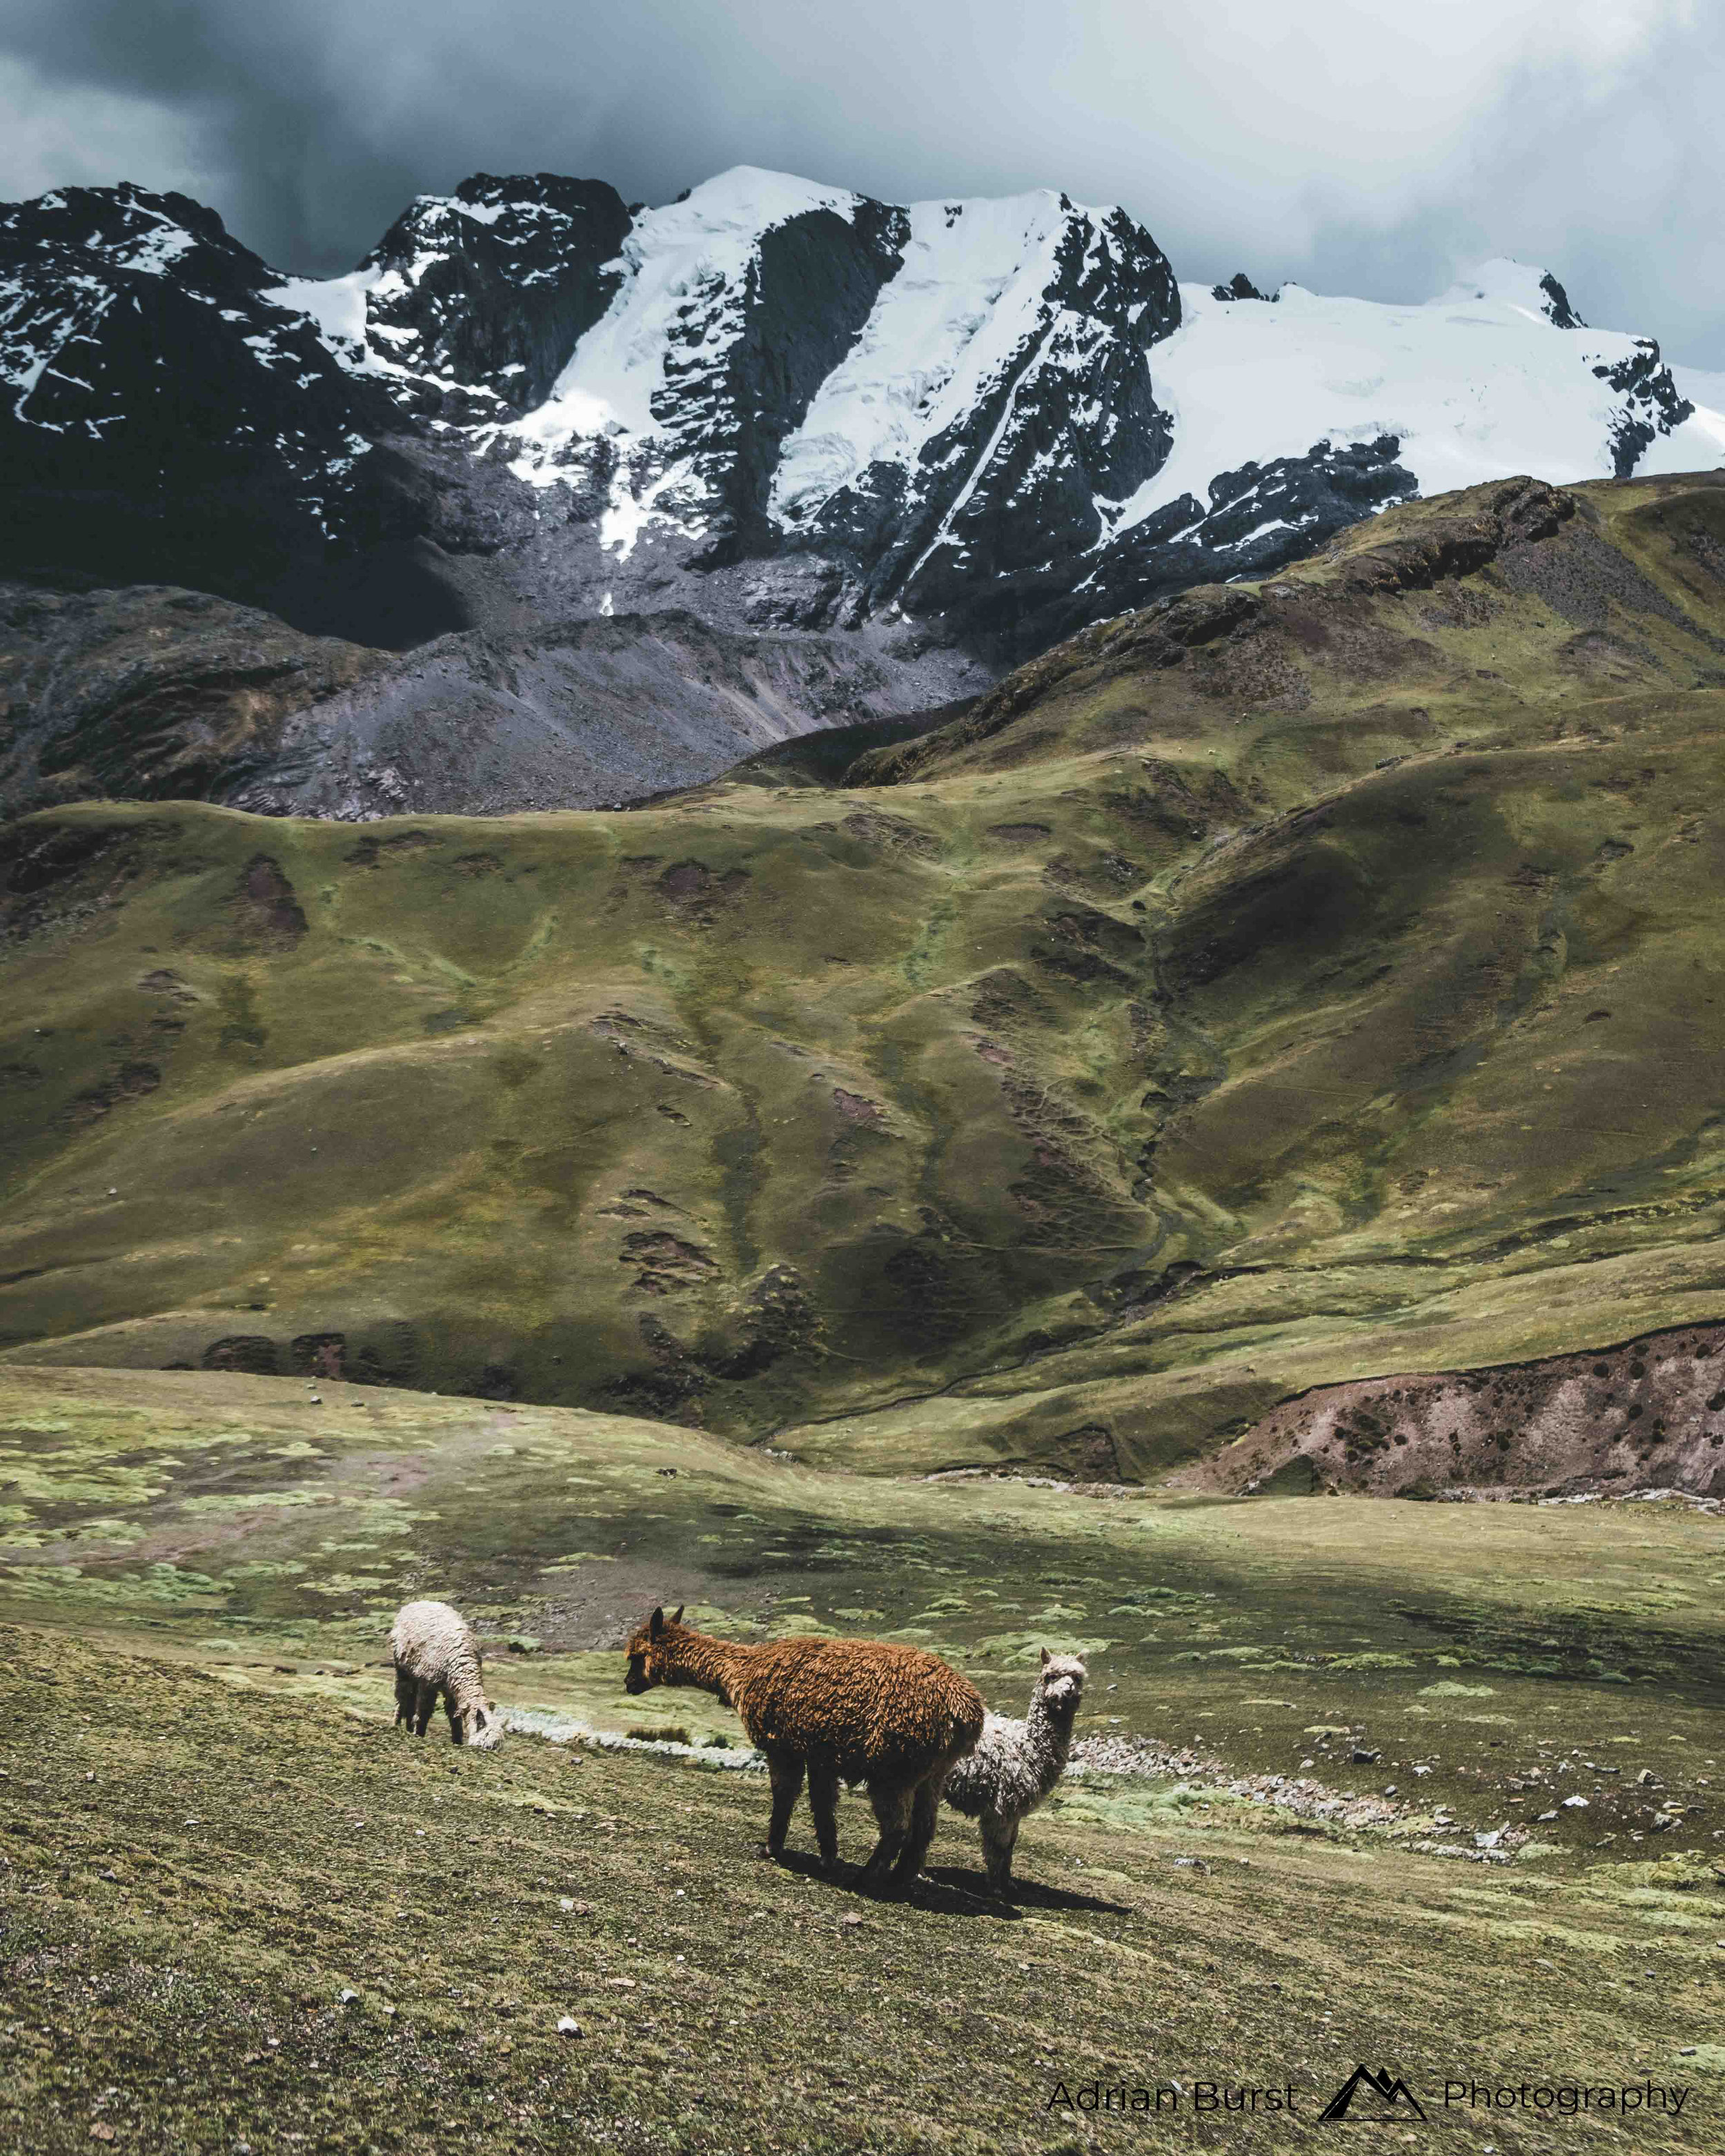 5 | Pucamayu valley, Quispicanchi